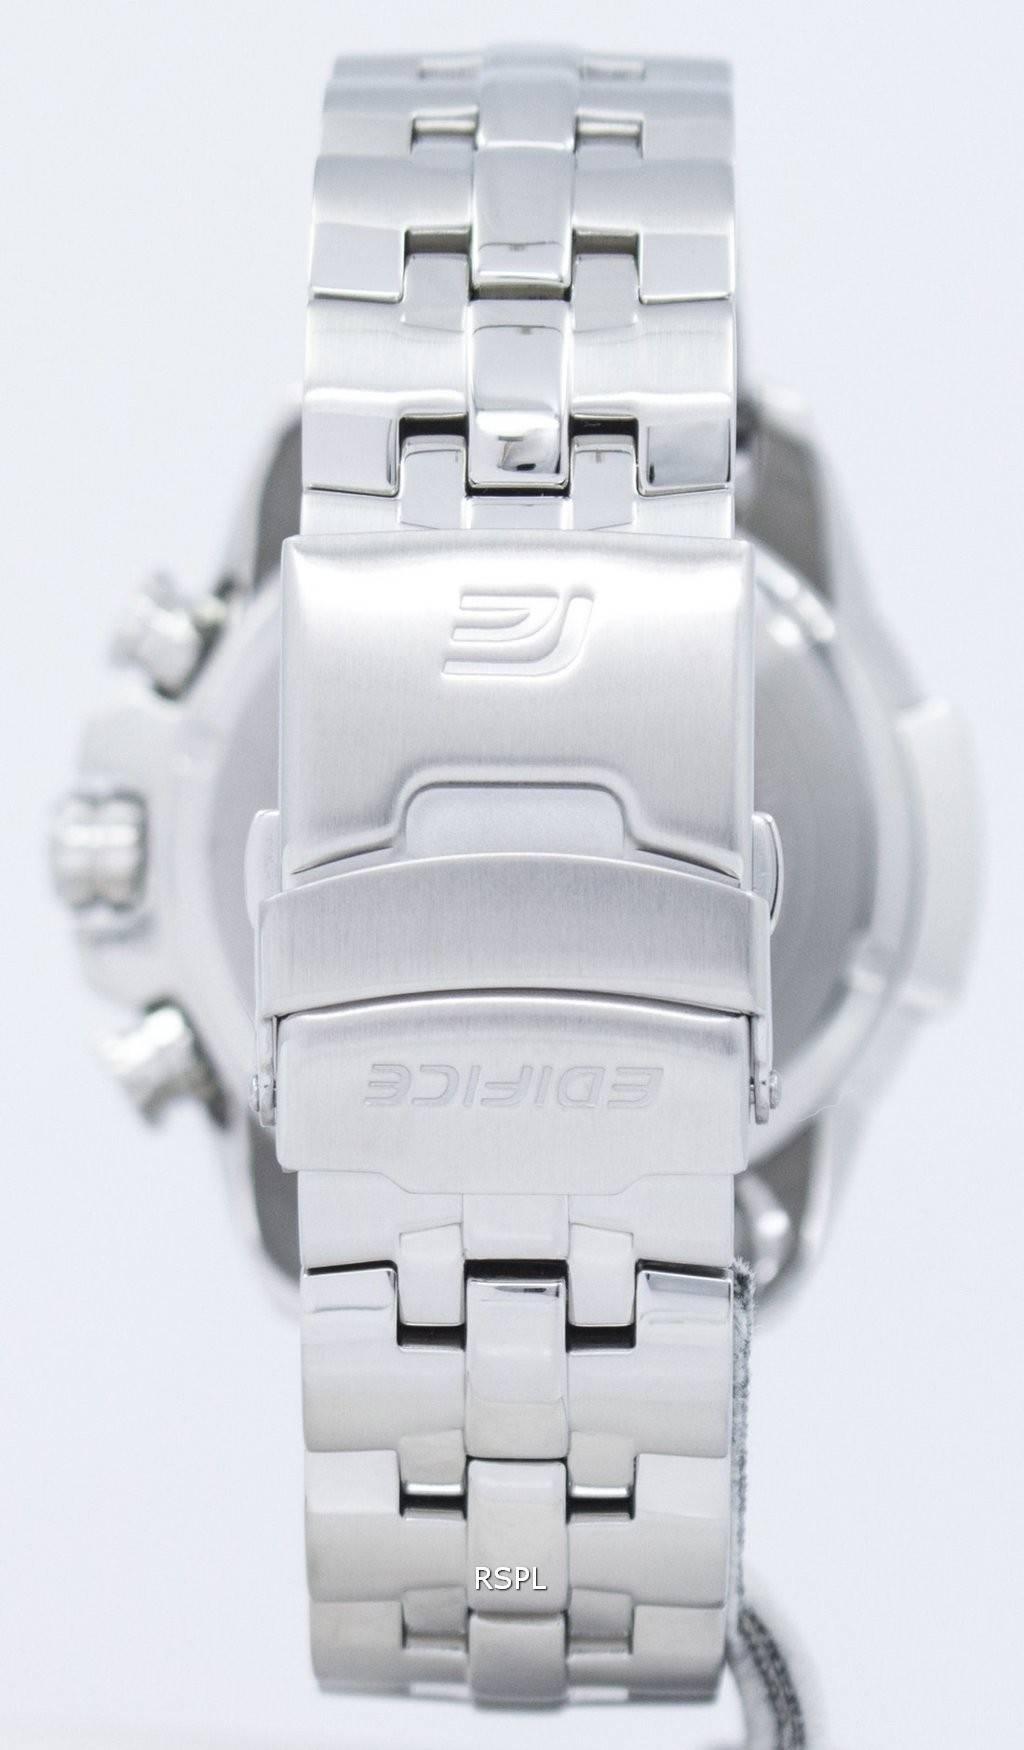 Casio Edifice Chronograph EF-558D-1AV EF558D-1AV Men s Watch ... 7b839f020a